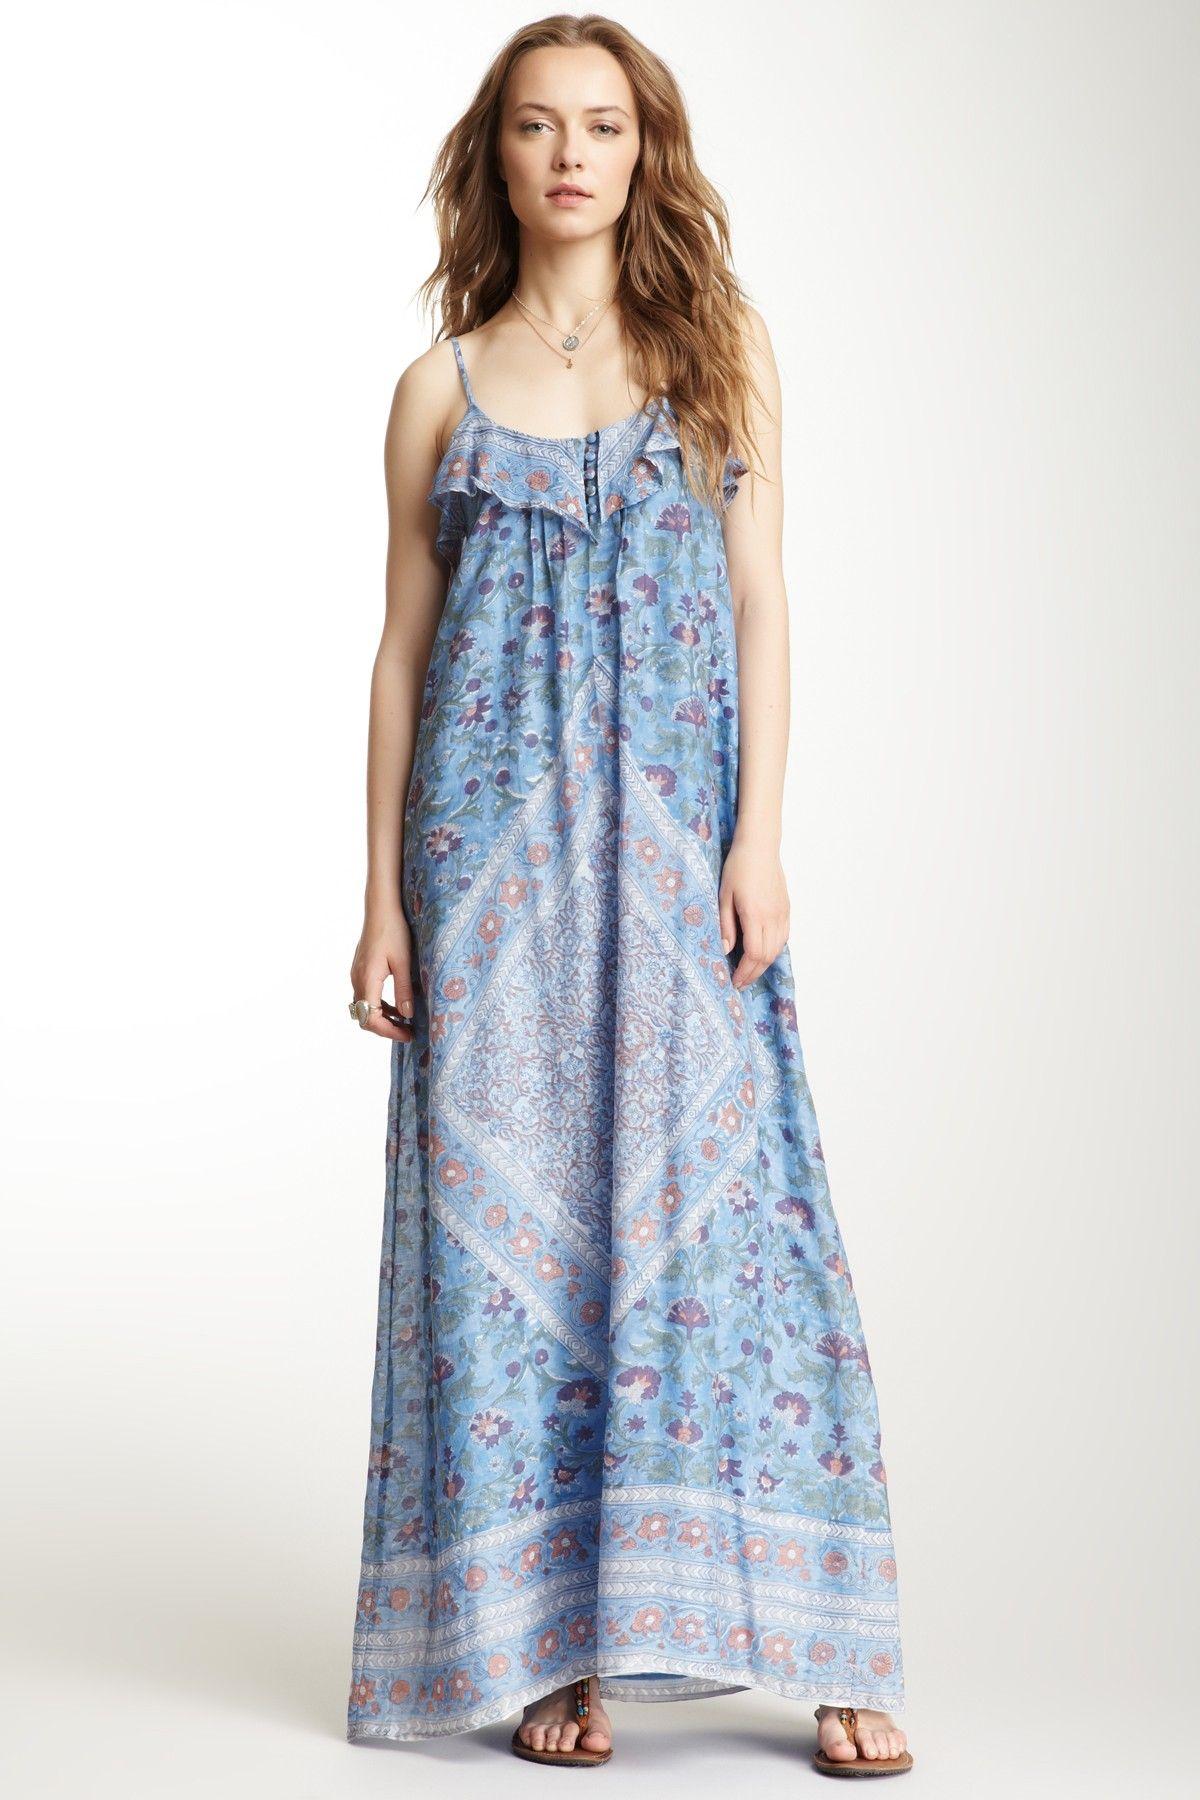 Antik Batik Cotton Nookta Maxi Dress Beach! | Style | Pinterest ...